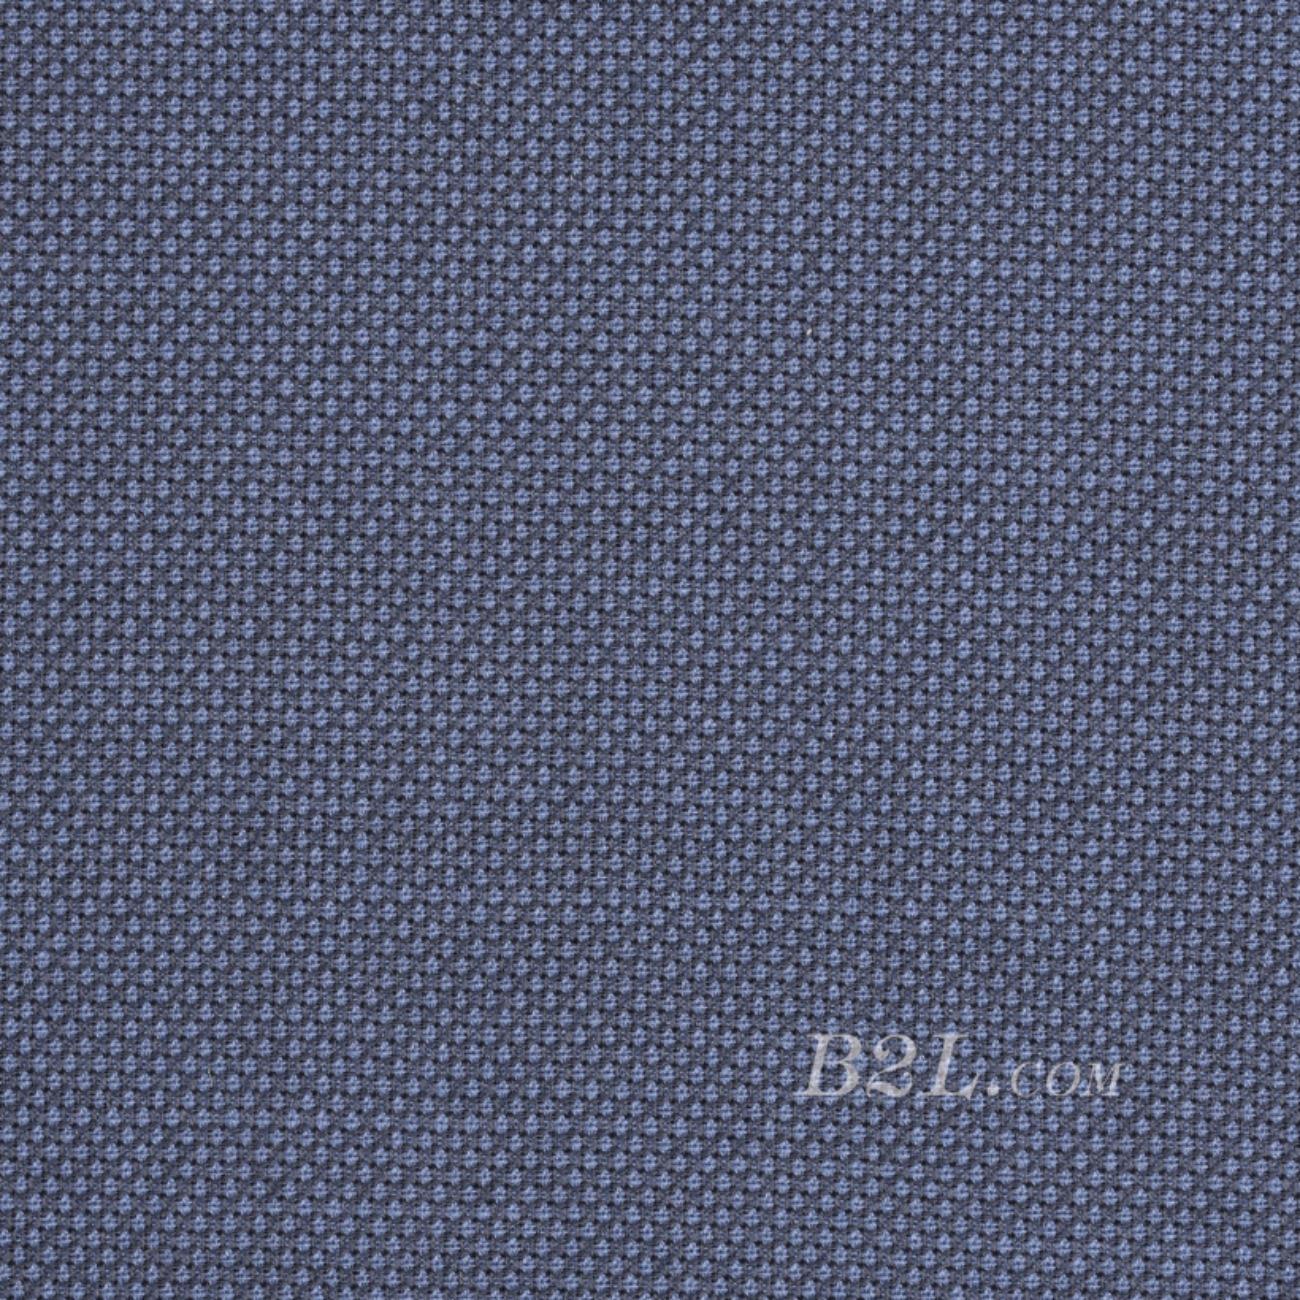 素色 梭织 染色 低弹 薄 春秋 时装 外套 裤装 90310-13